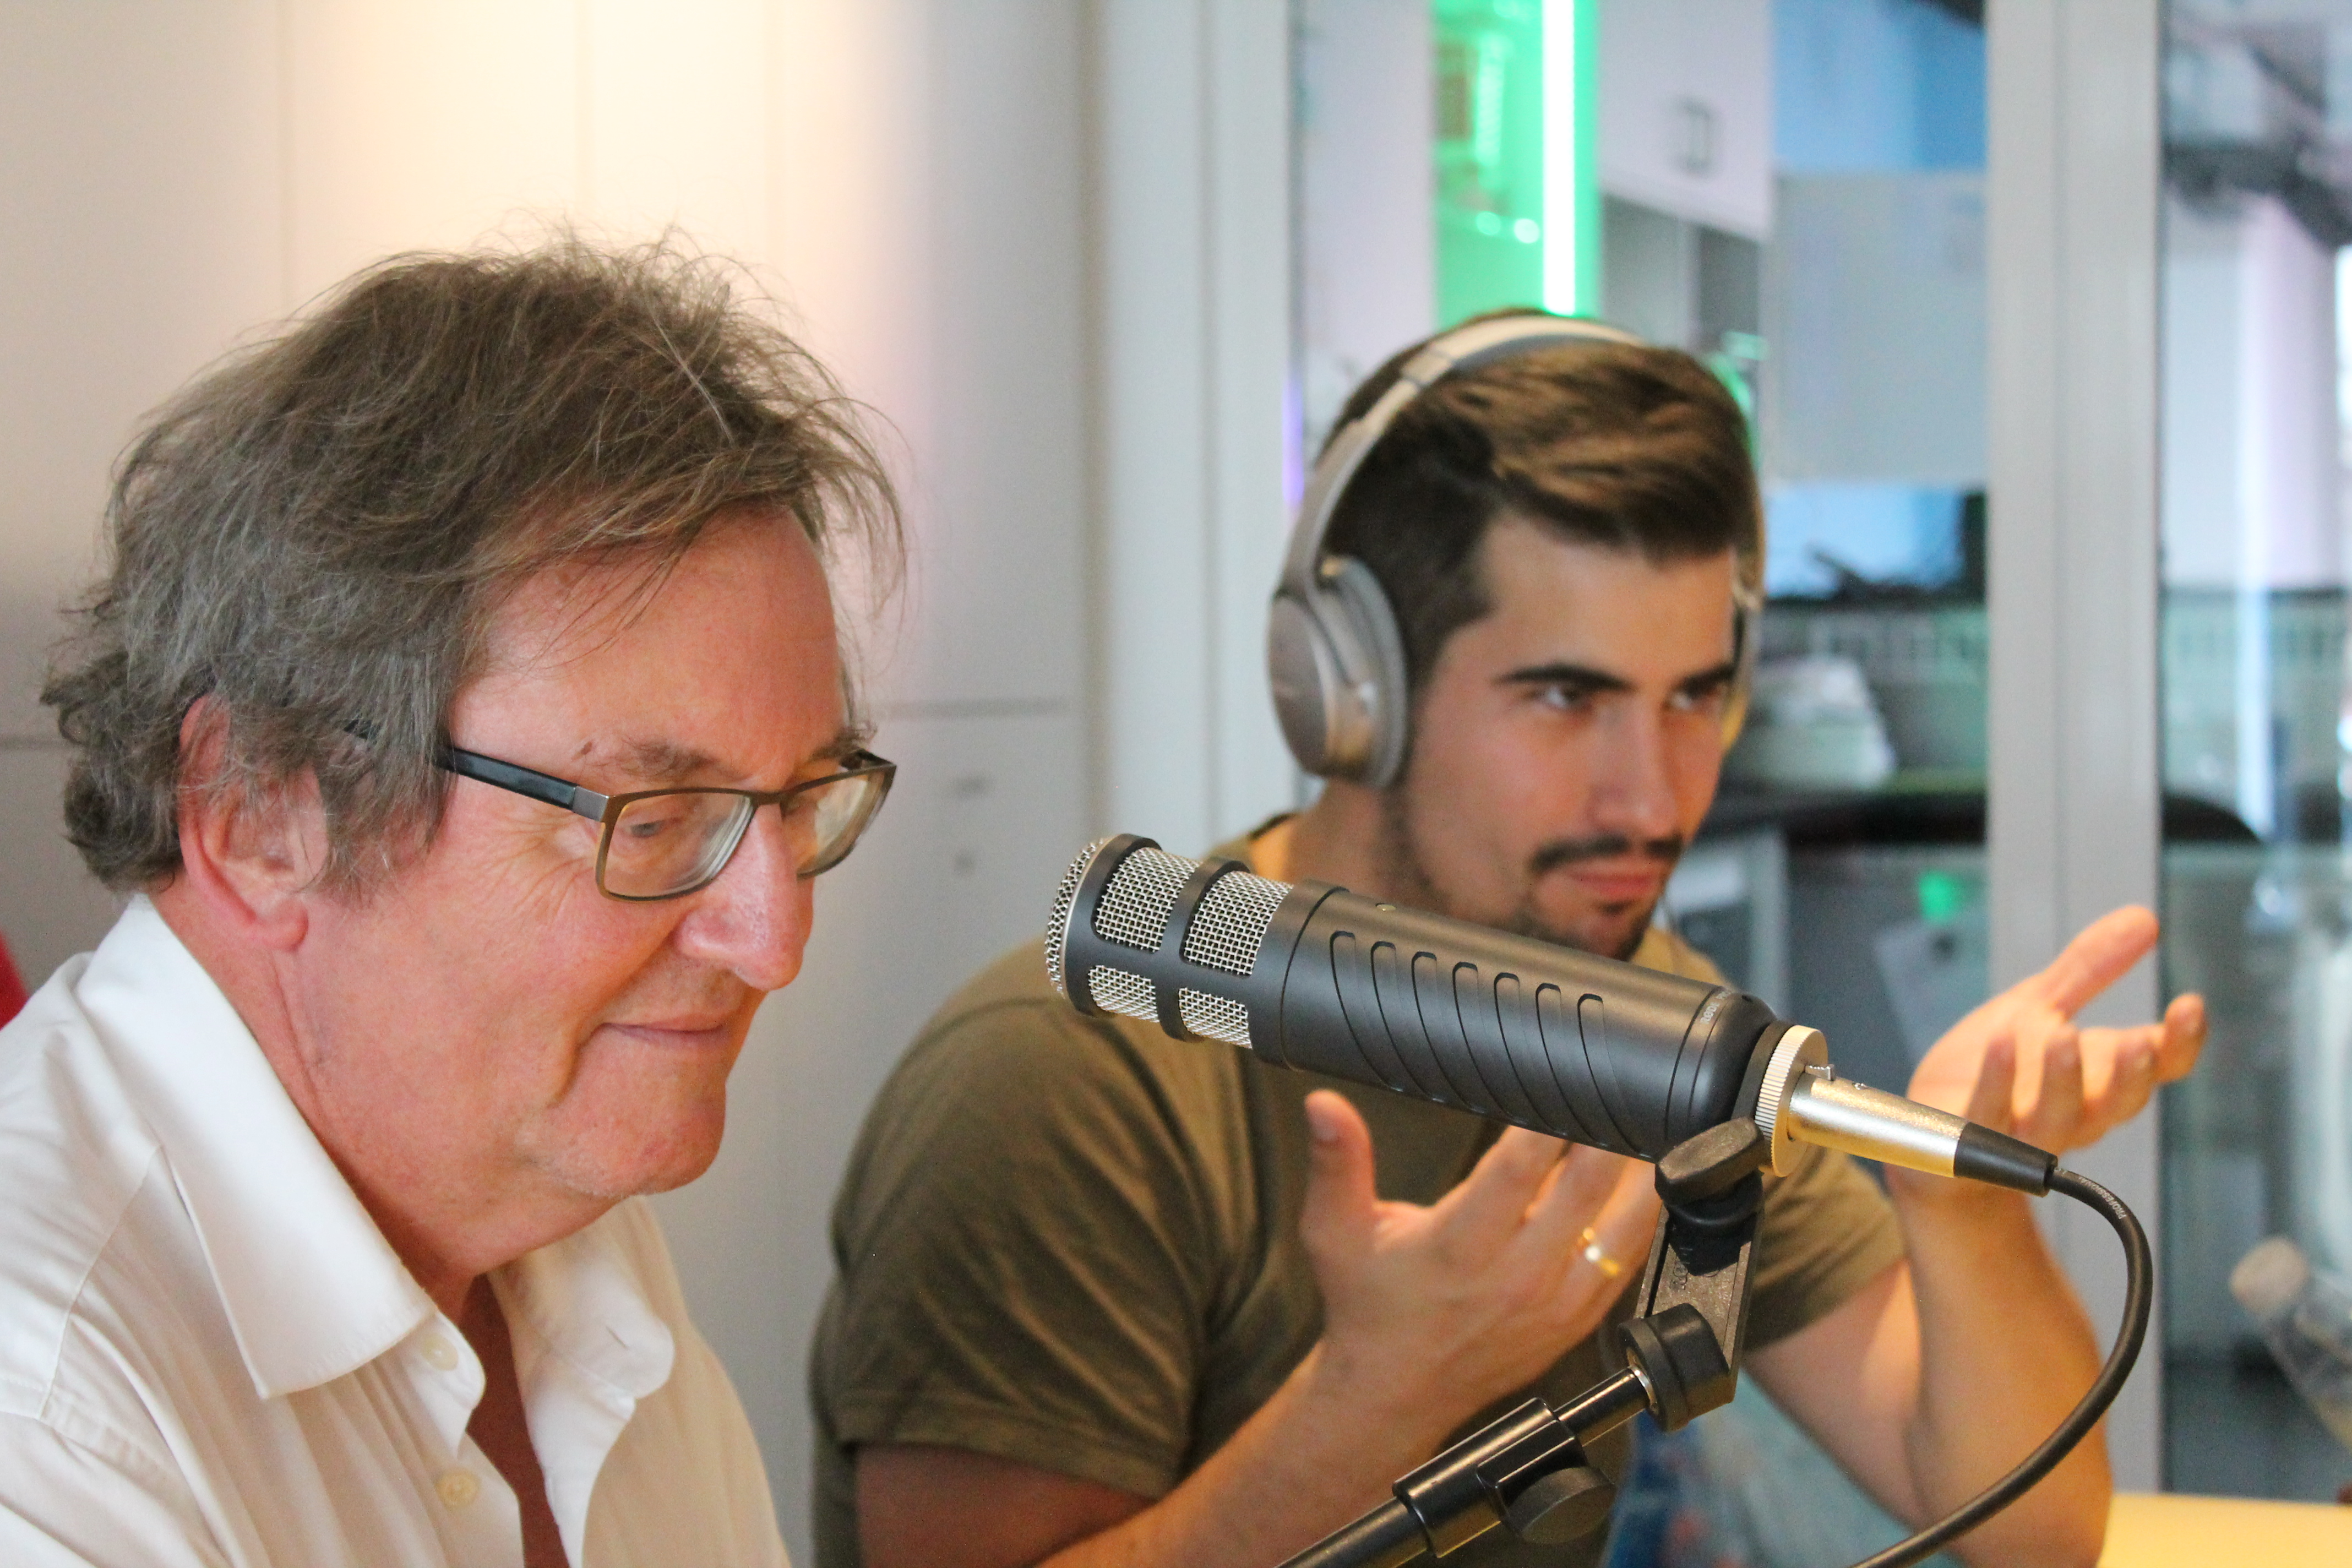 Ein älterer Mann im Vordergrund spricht in ein Mikrofon, dahinter ein jüngerer, der gestikuliert und Kopfhörer trägt.